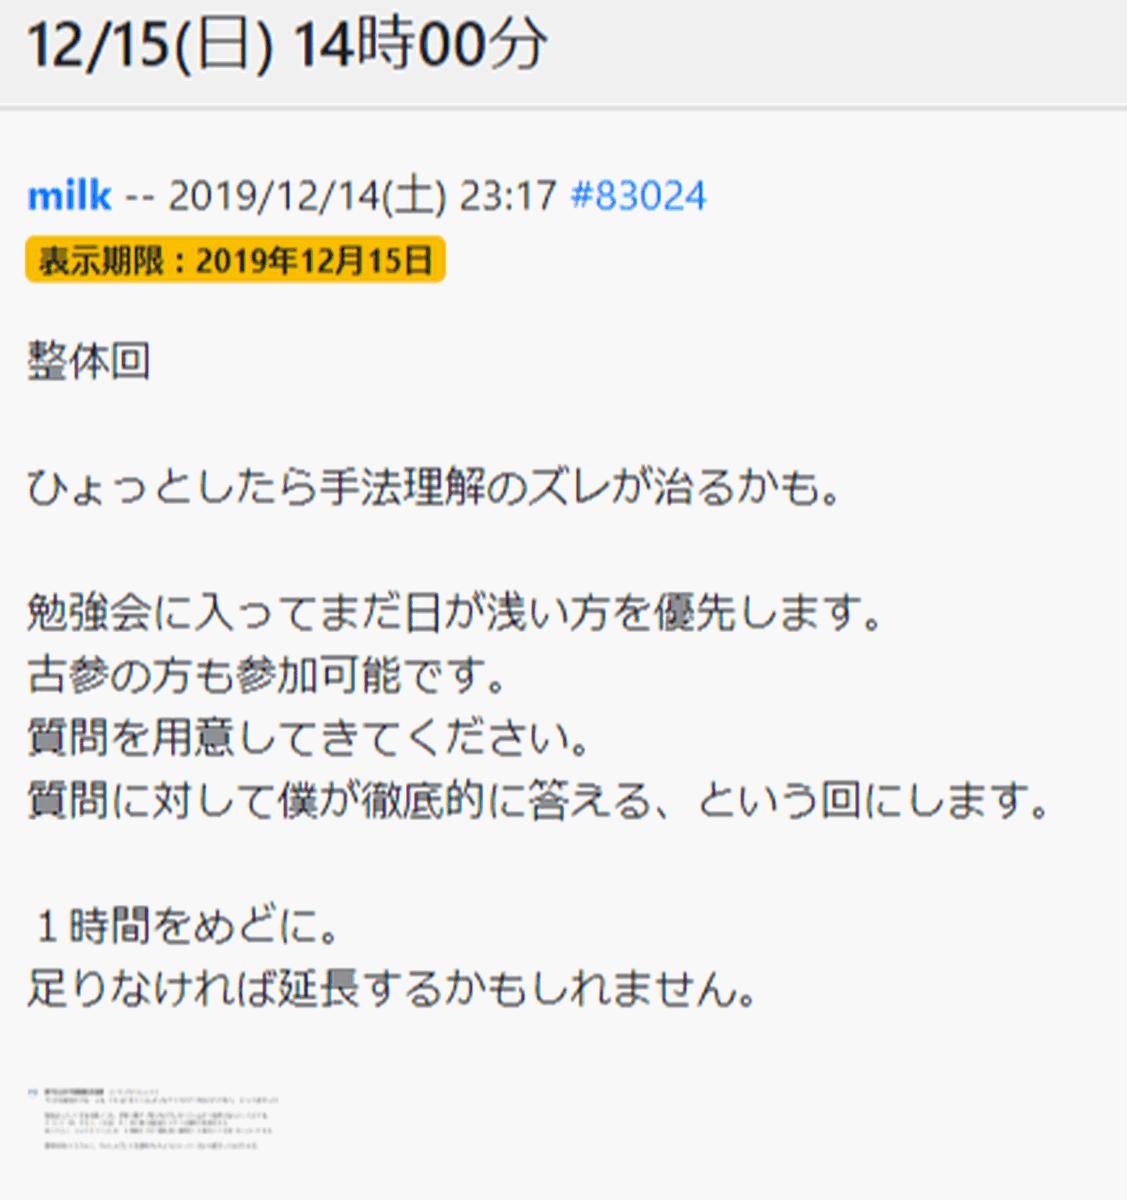 f:id:wakakiyo1188:20191229084800p:plain